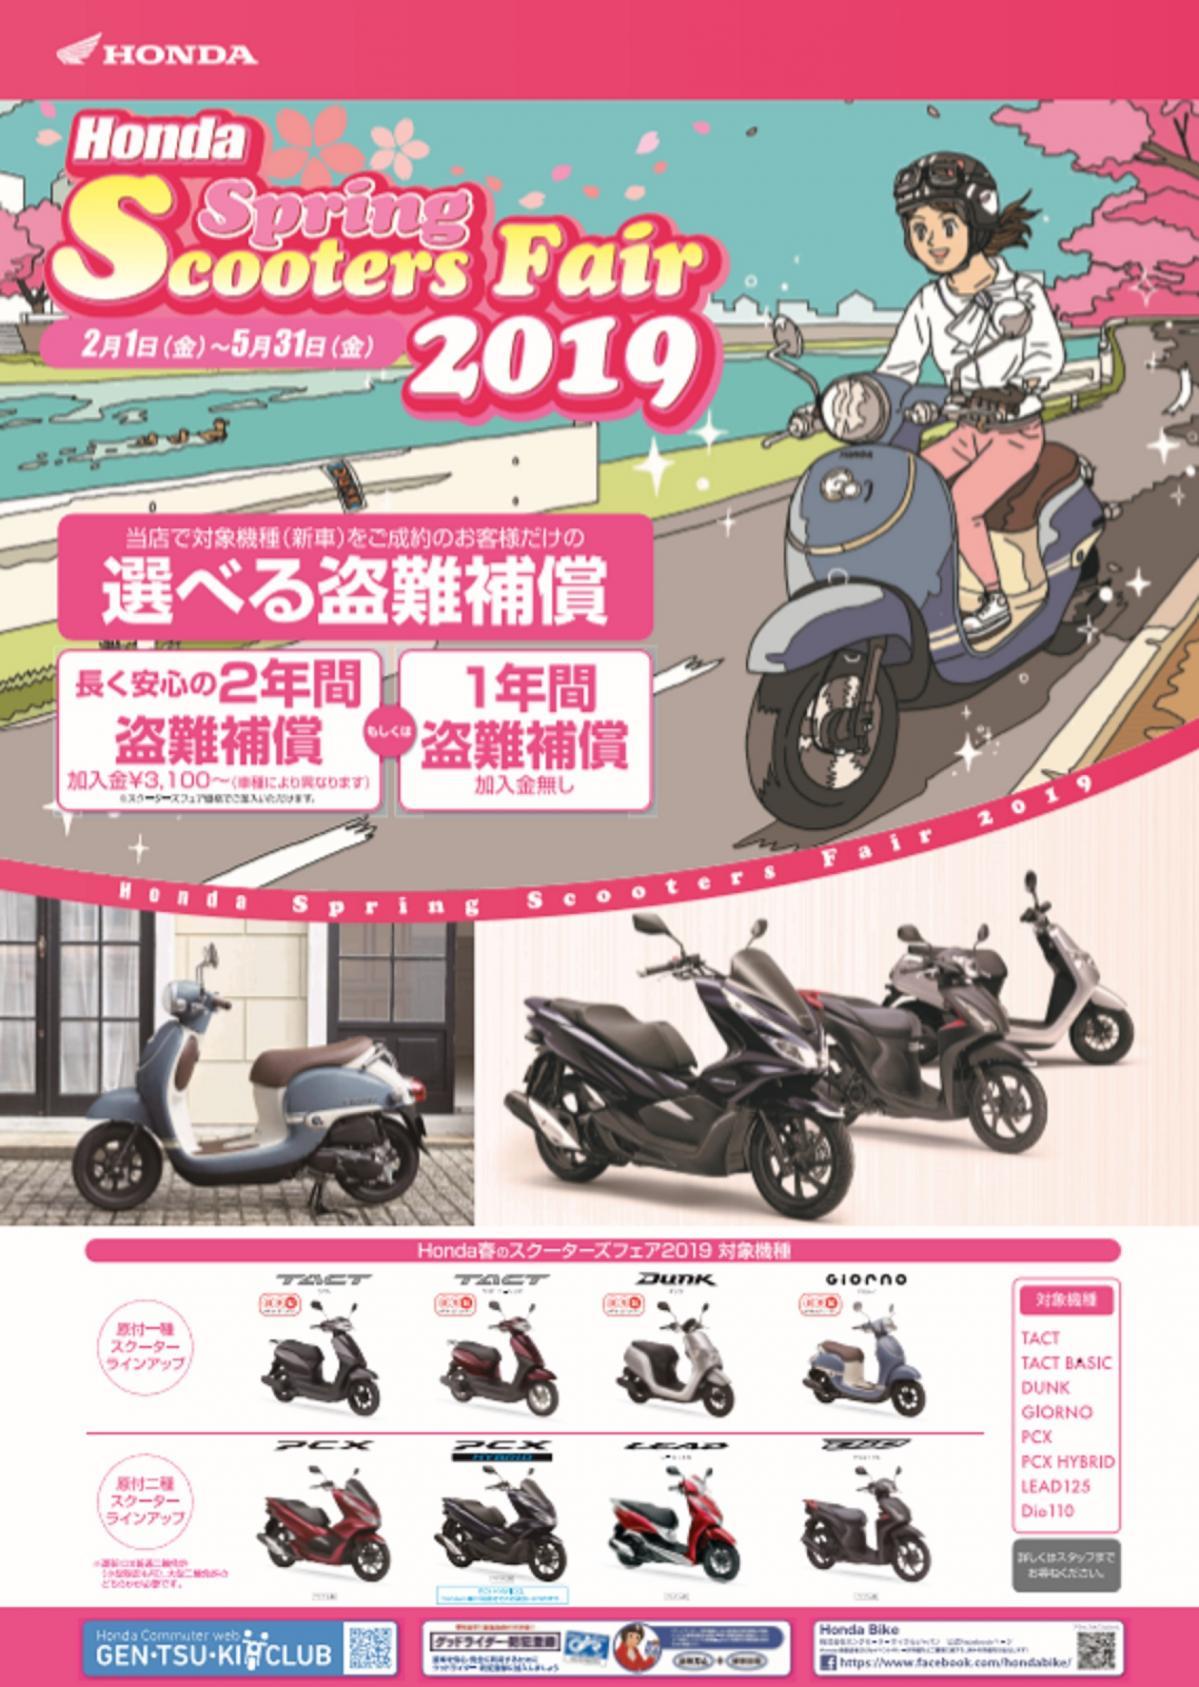 タクトもPCXもDio110も! 安心盗難補償付きの「Honda Spring Scooters Fair 2019」実施中